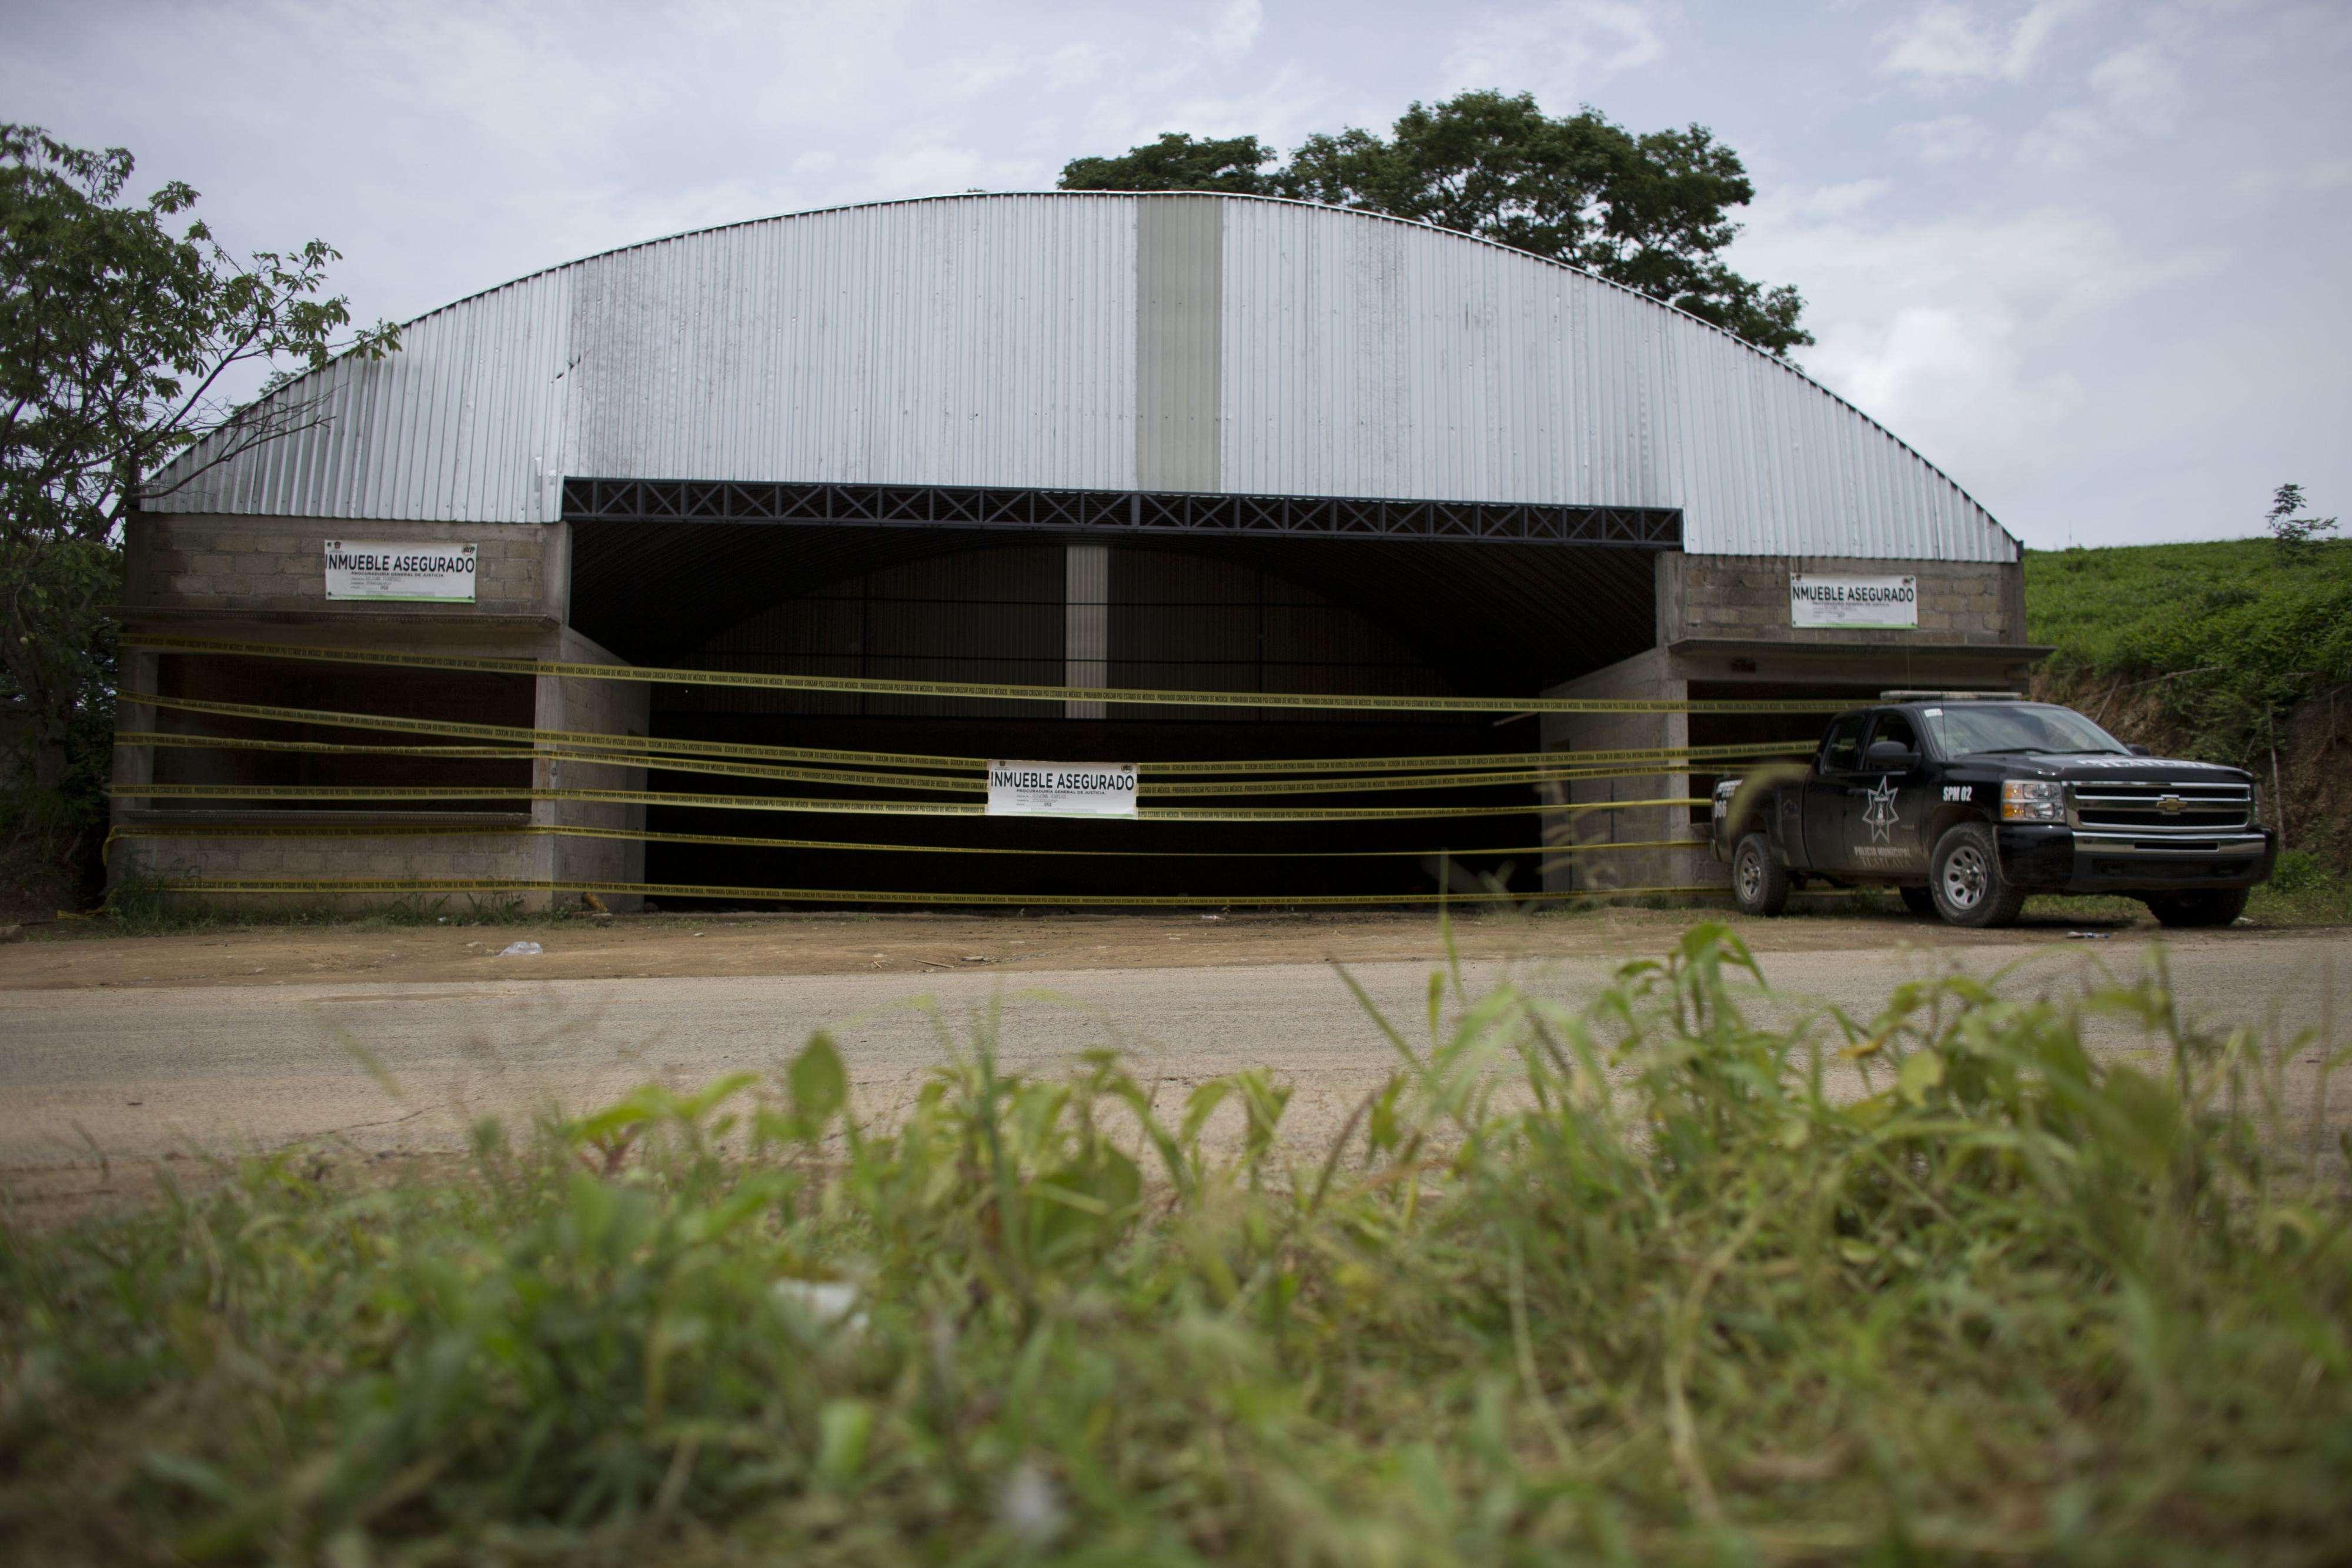 En esta imagen del 3 de julio de 2014 se ve un vehículo de la policía estatal junto a un almacén donde ocurrió un tiroteo entre soldados mexicanos y supuestos delincuentes en las afueras de la localidad de San Pedro Limón, estado de México, México. Foto: AP en español